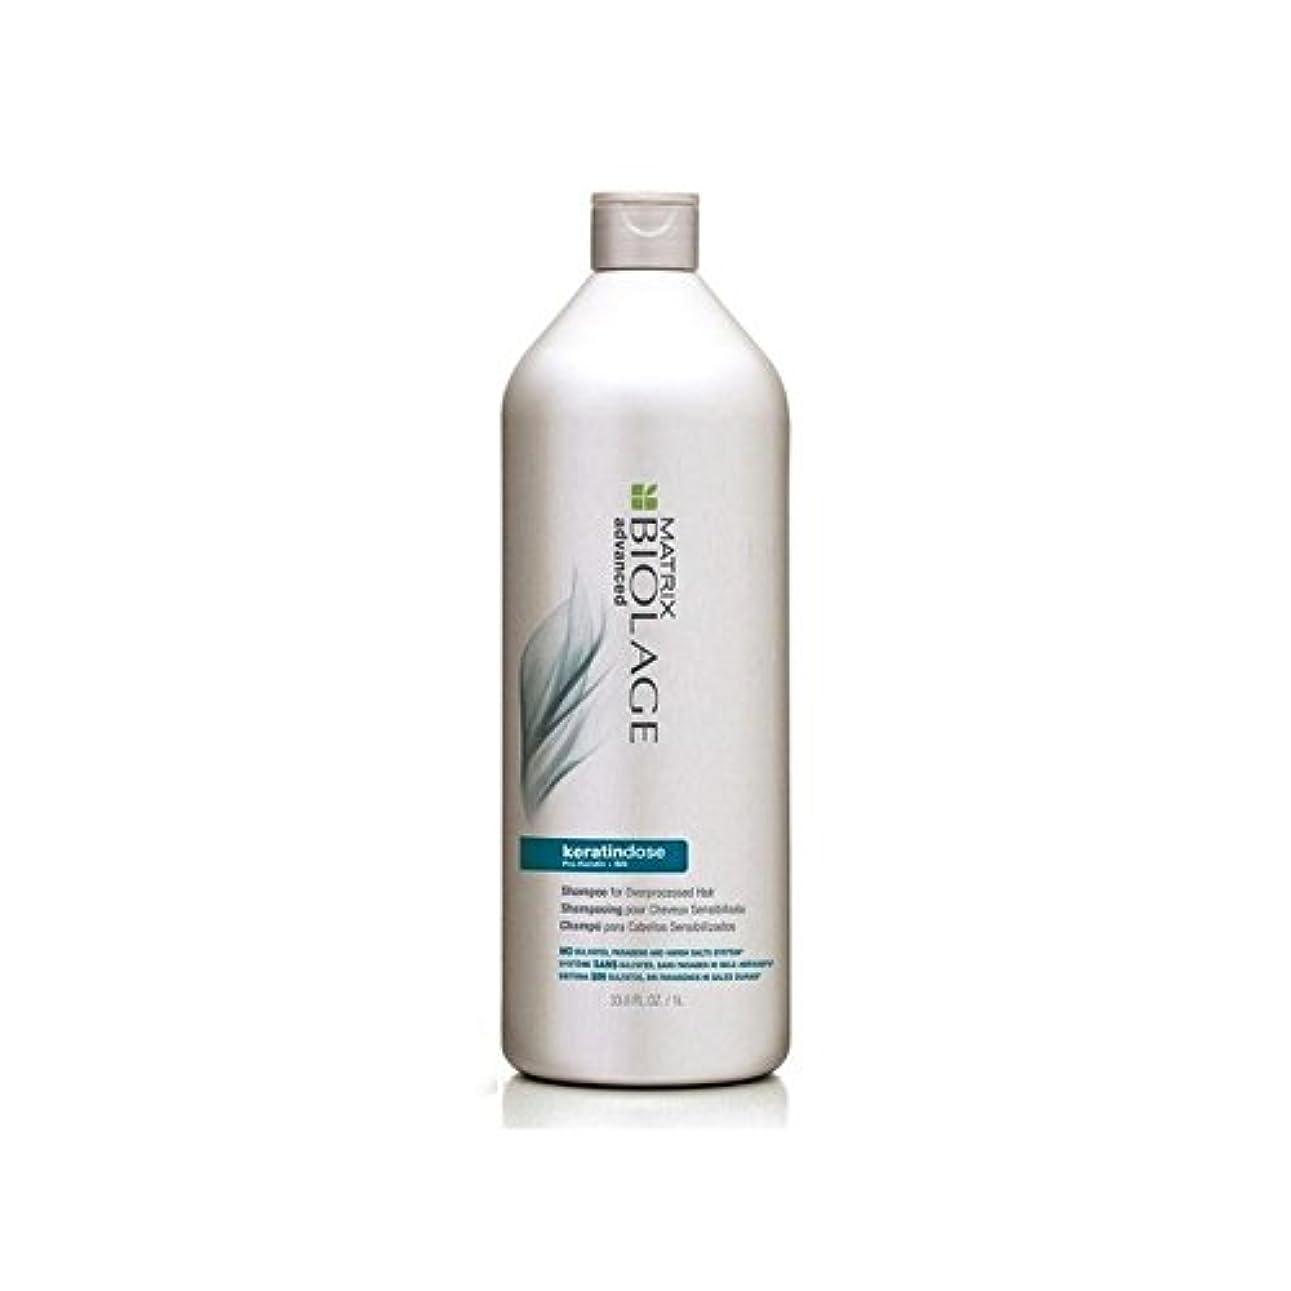 課税取るアンタゴニストMatrix Biolage Keratindose Shampoo (1000ml) - マトリックスバイオレイジシャンプー(千ミリリットル) [並行輸入品]